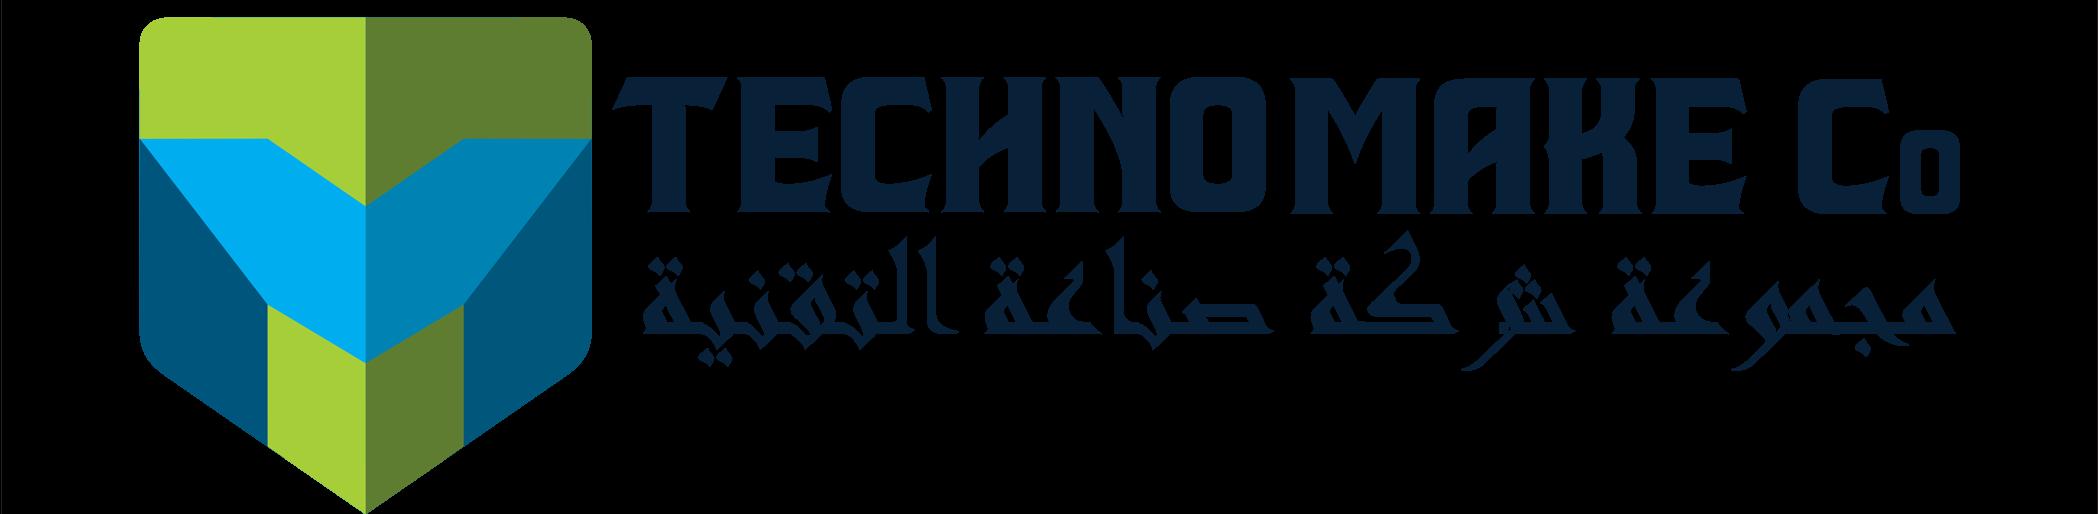 Technomake